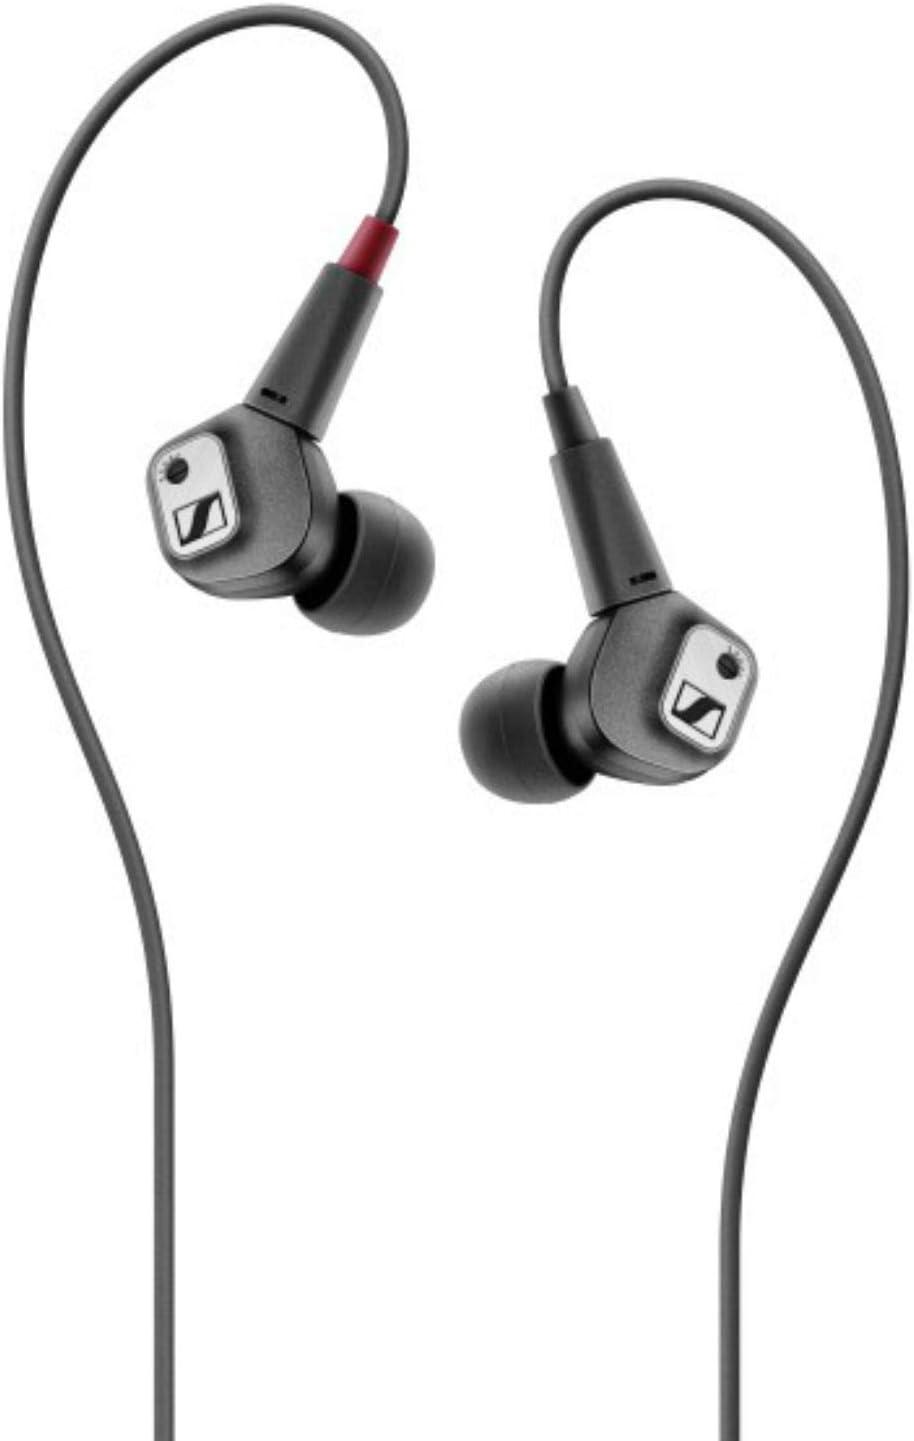 Sennheiser IE 80 S Adjustable Bass Earbud Headphone, Black